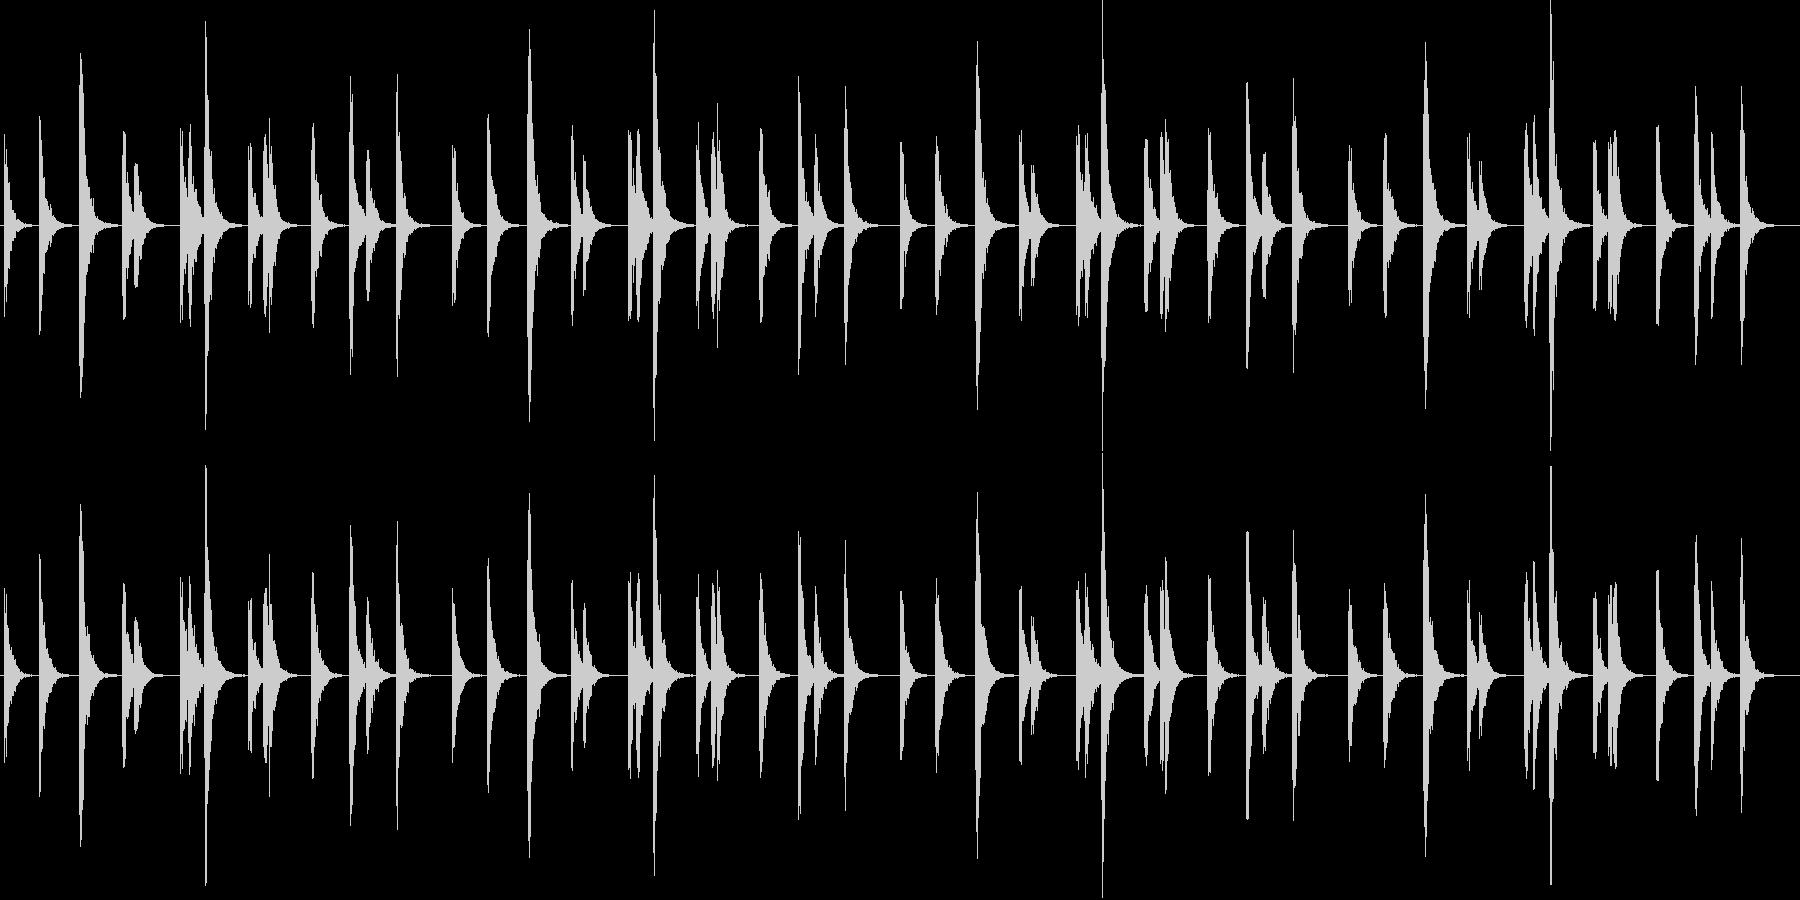 エキゾチックな弦楽器のシンプルサウンドの未再生の波形